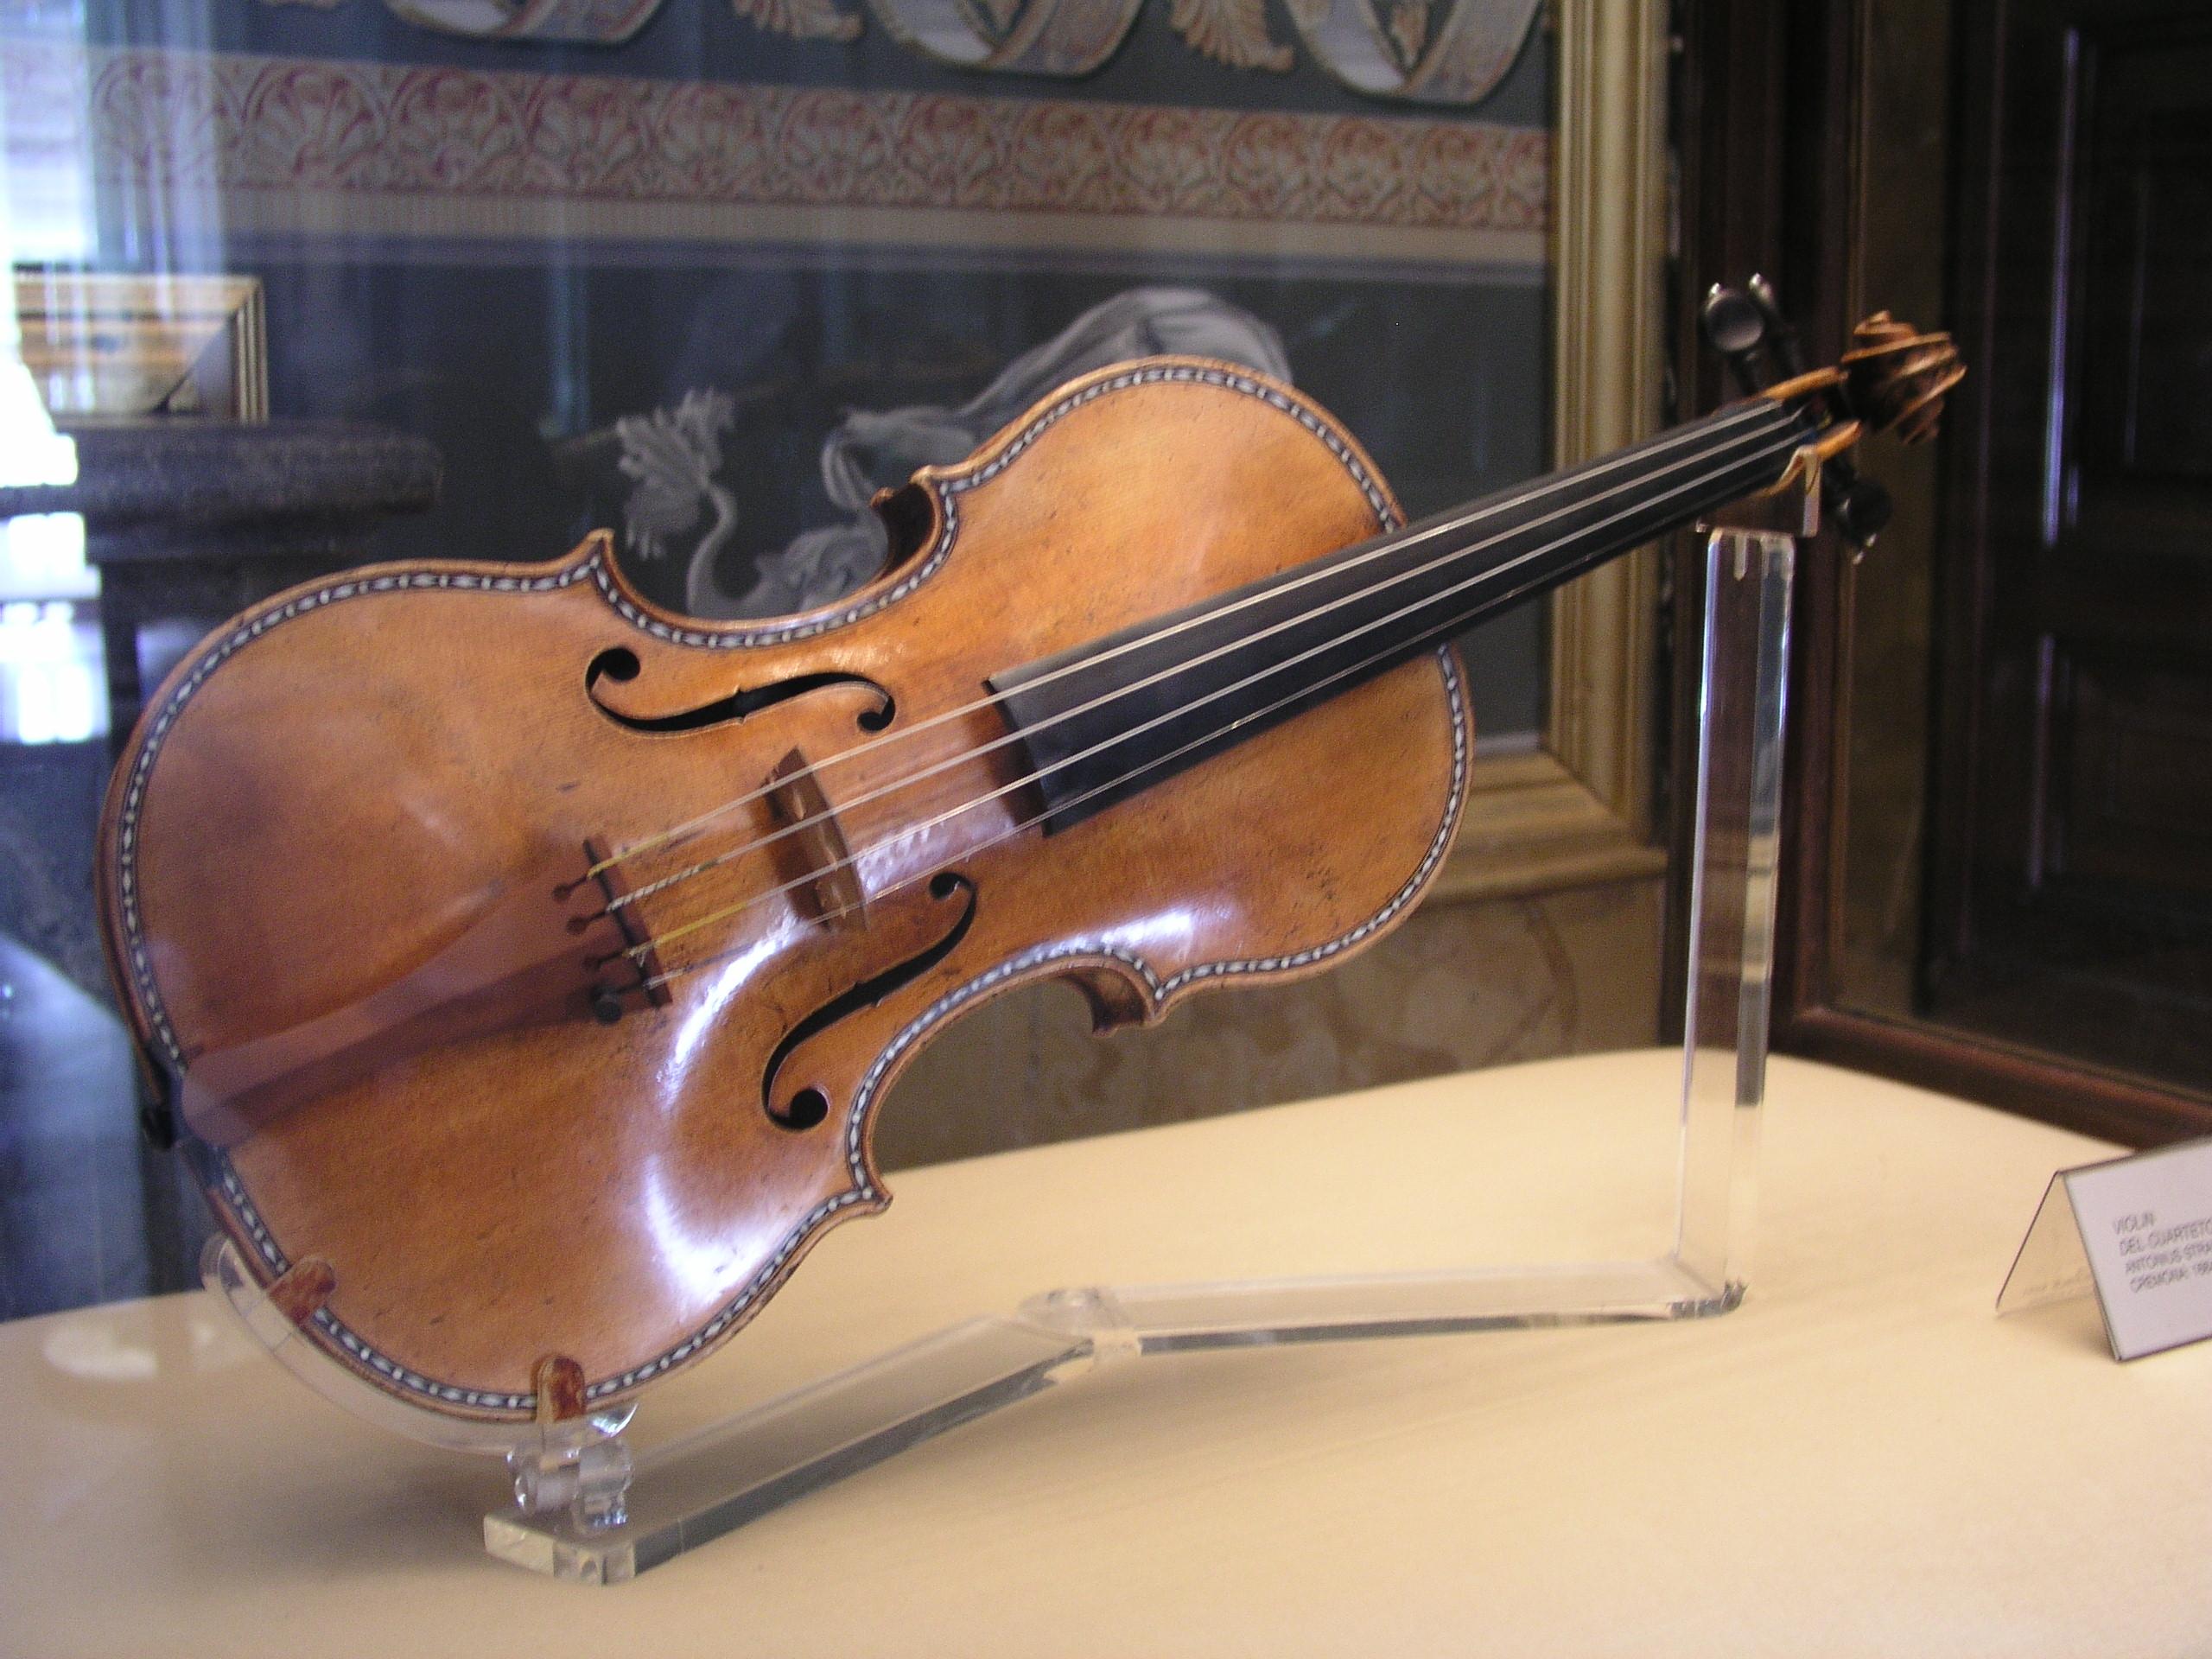 Fotos de Stradivarius Imágenes